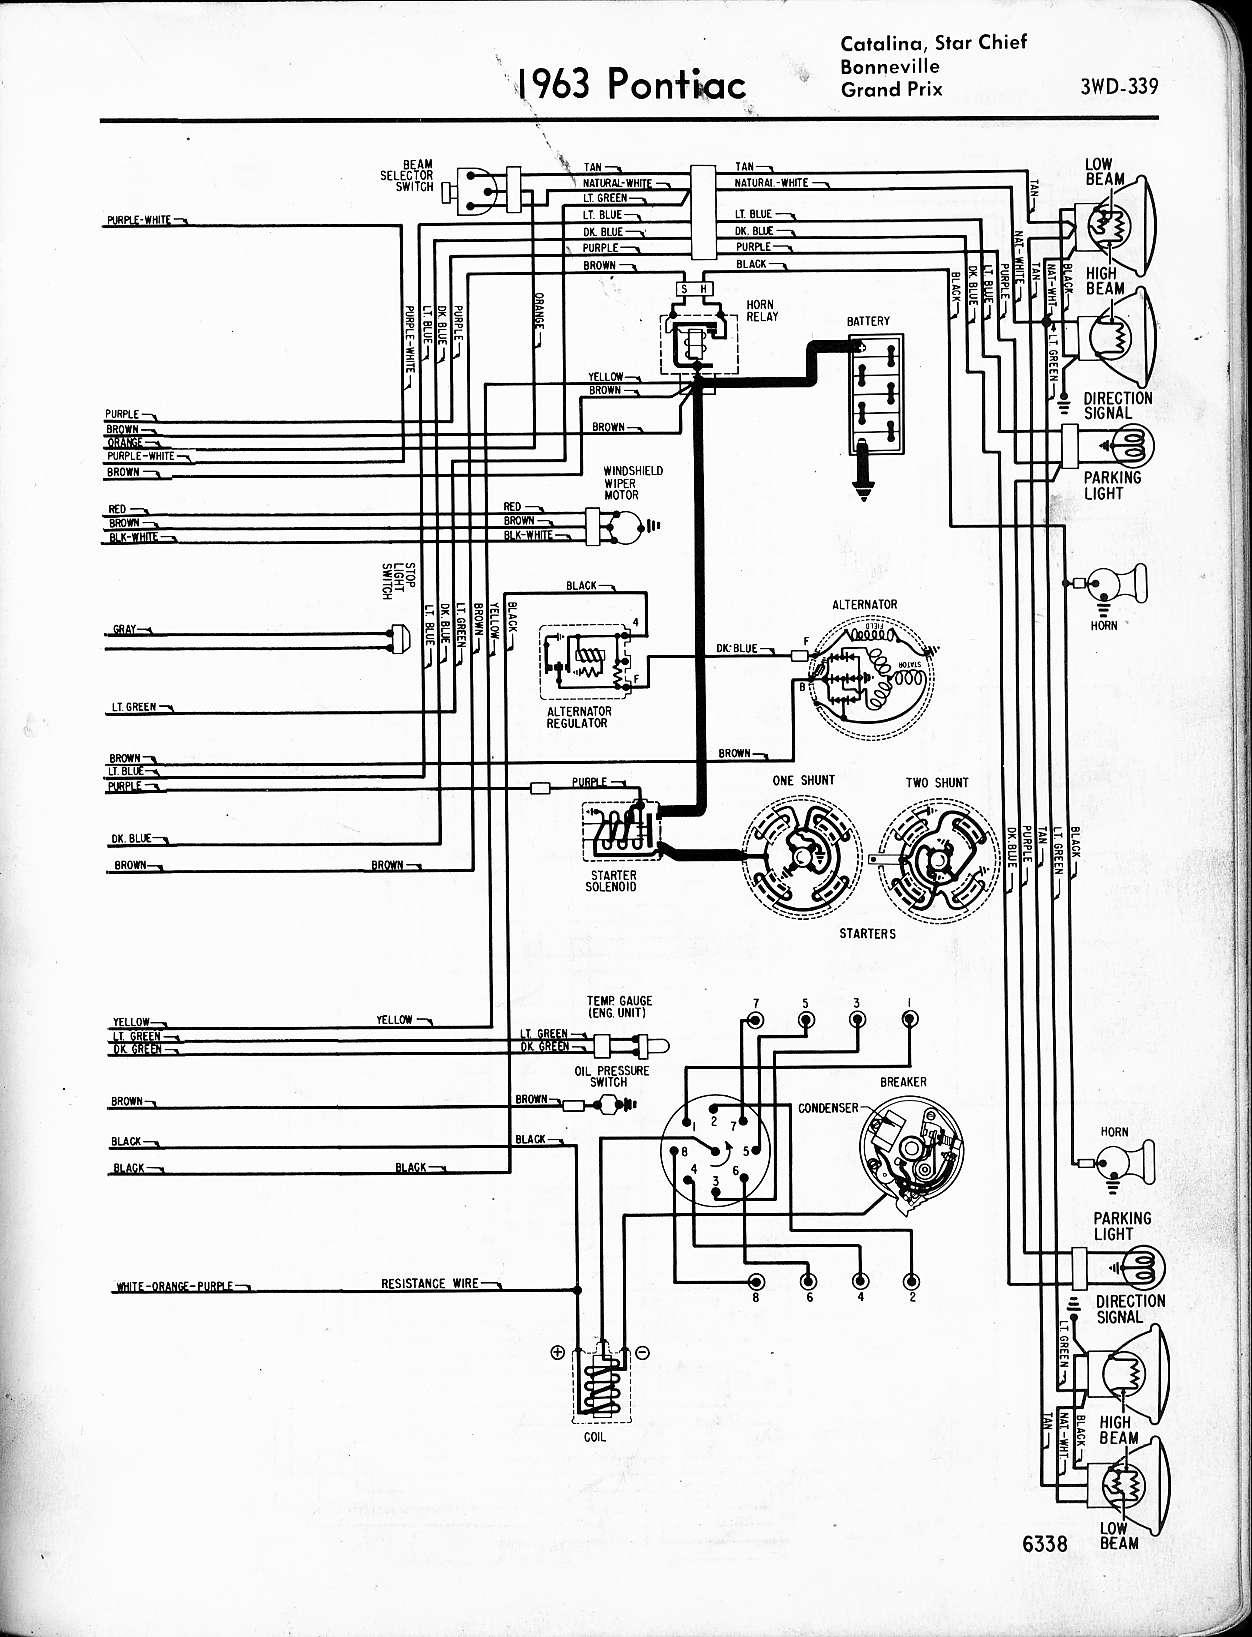 [DIAGRAM_3US]  AF_4347] Pontiac Catalina Wiring Diagram 1965 Pontiac Grand Prix Wiring  Diagram Schematic Wiring | 1966 Grand Prix Wiring Diagram Free Download |  | Nizat Lline Remca Cette Mohammedshrine Librar Wiring 101